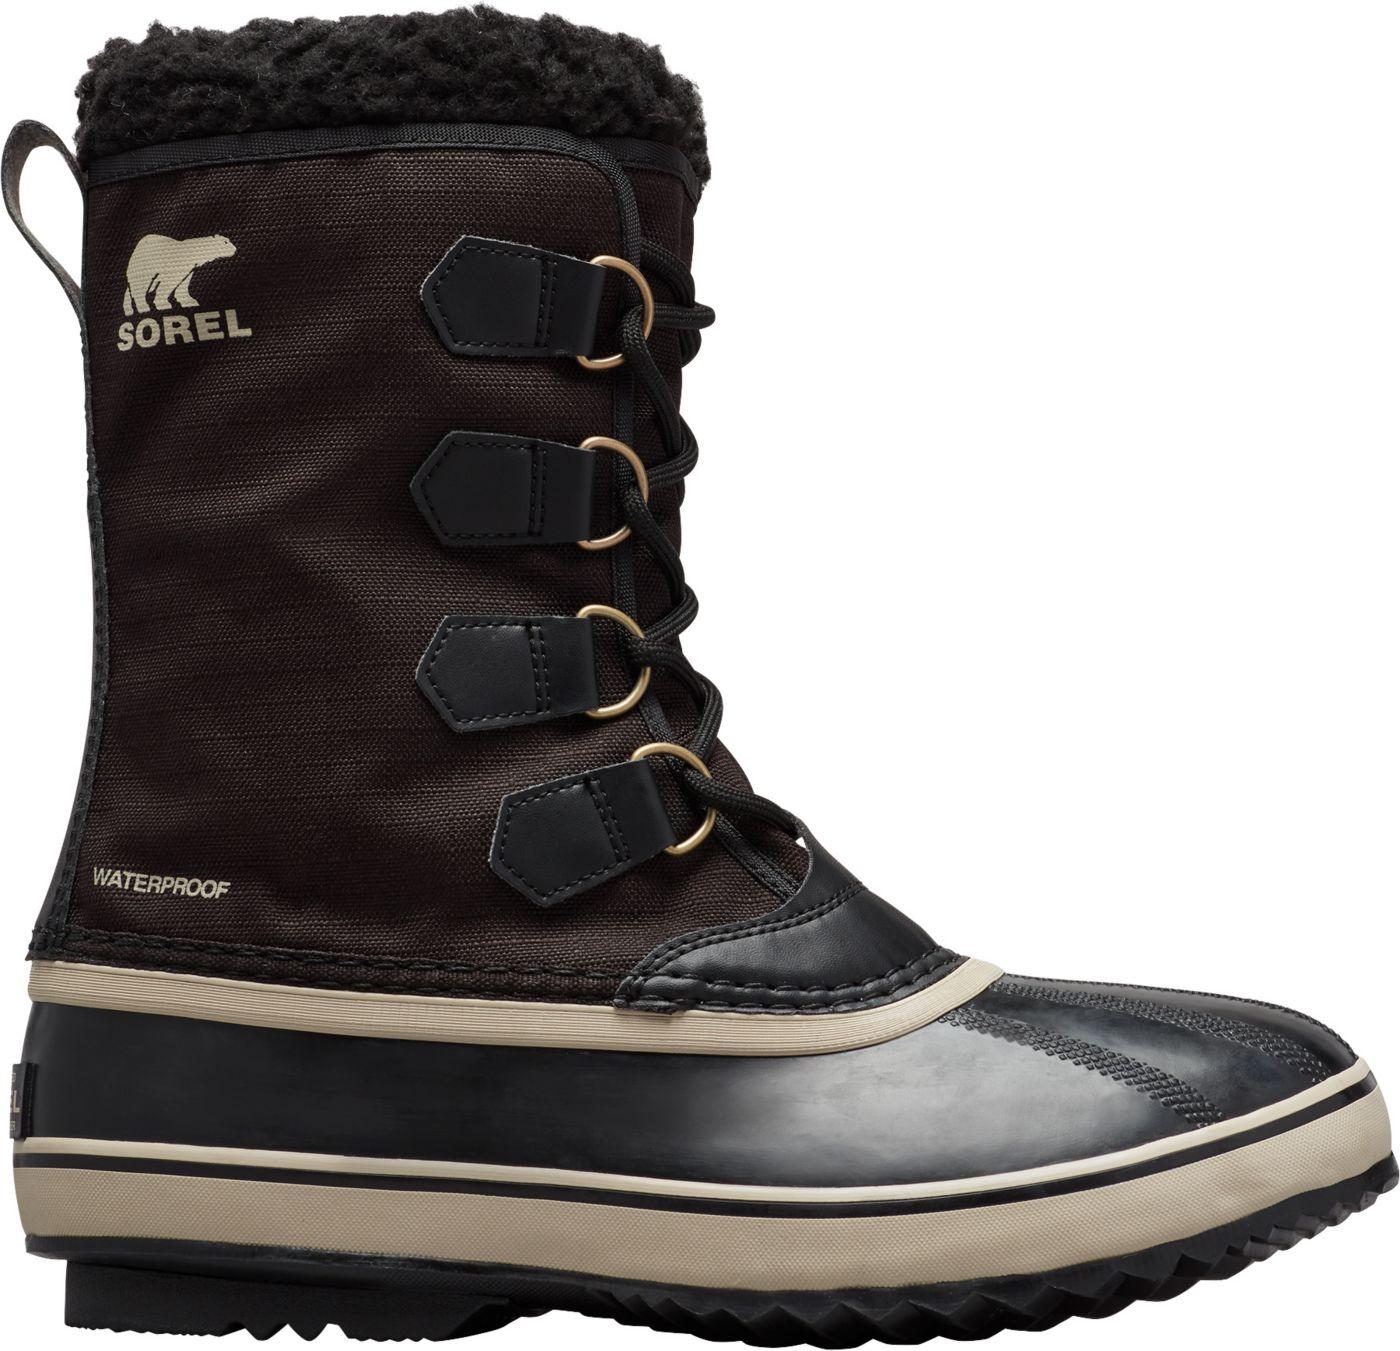 SOREL Men's 1964 Pac Nylon Waterproof Winter Boots